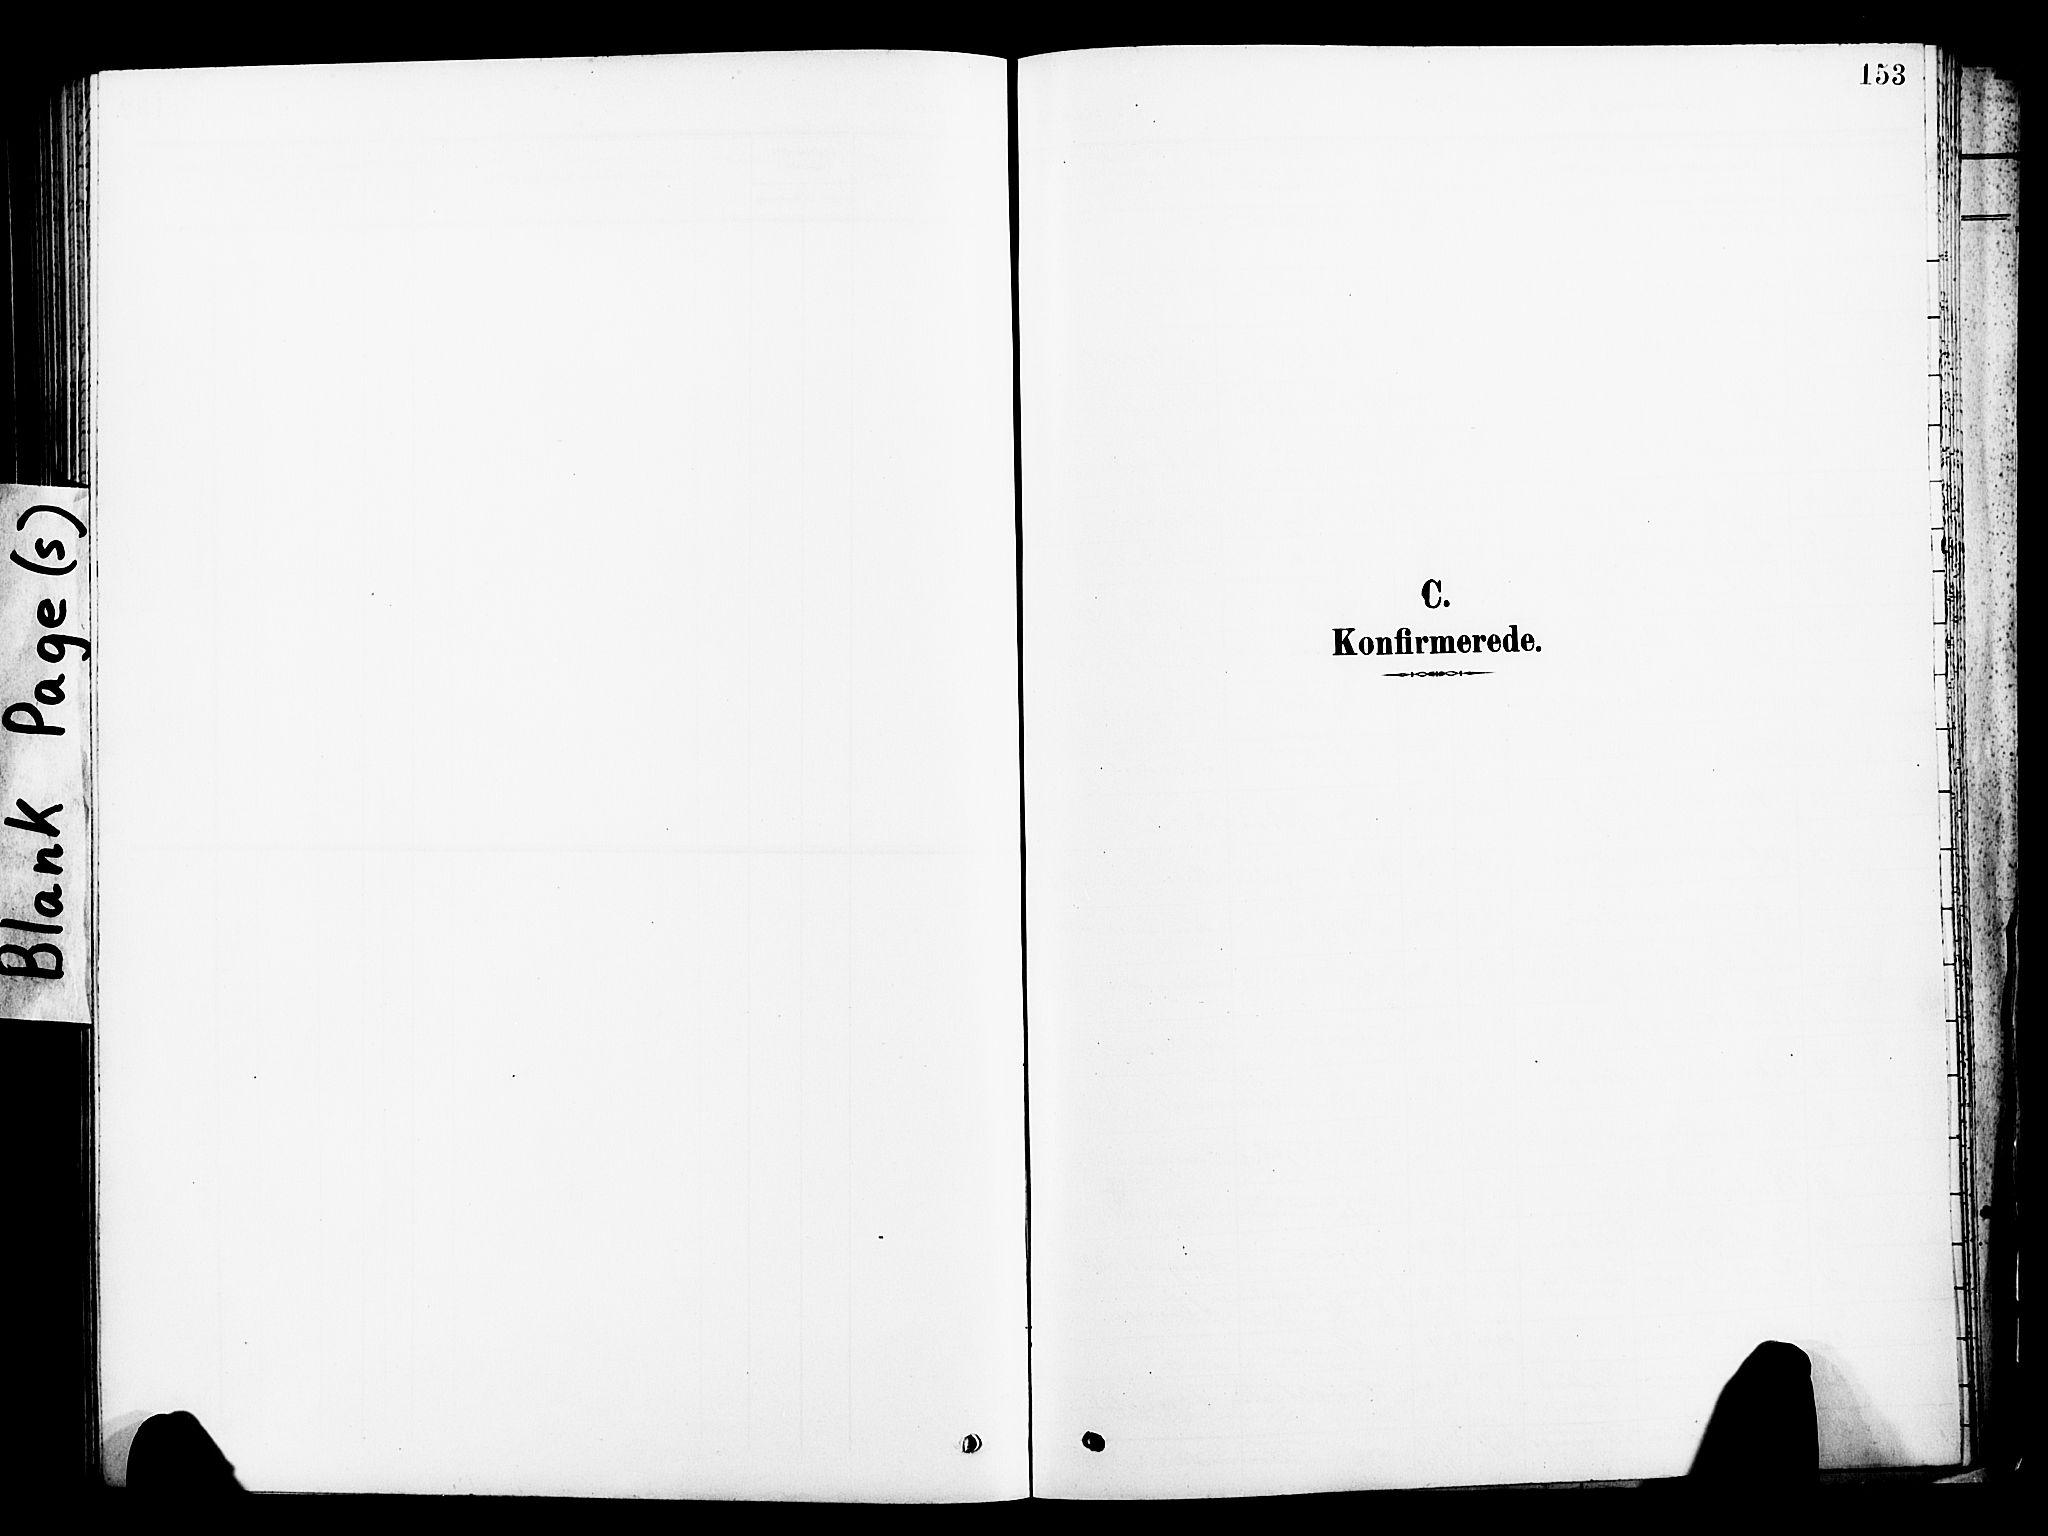 SAT, Ministerialprotokoller, klokkerbøker og fødselsregistre - Sør-Trøndelag, 681/L0942: Klokkerbok nr. 681C06, 1906-1925, s. 153